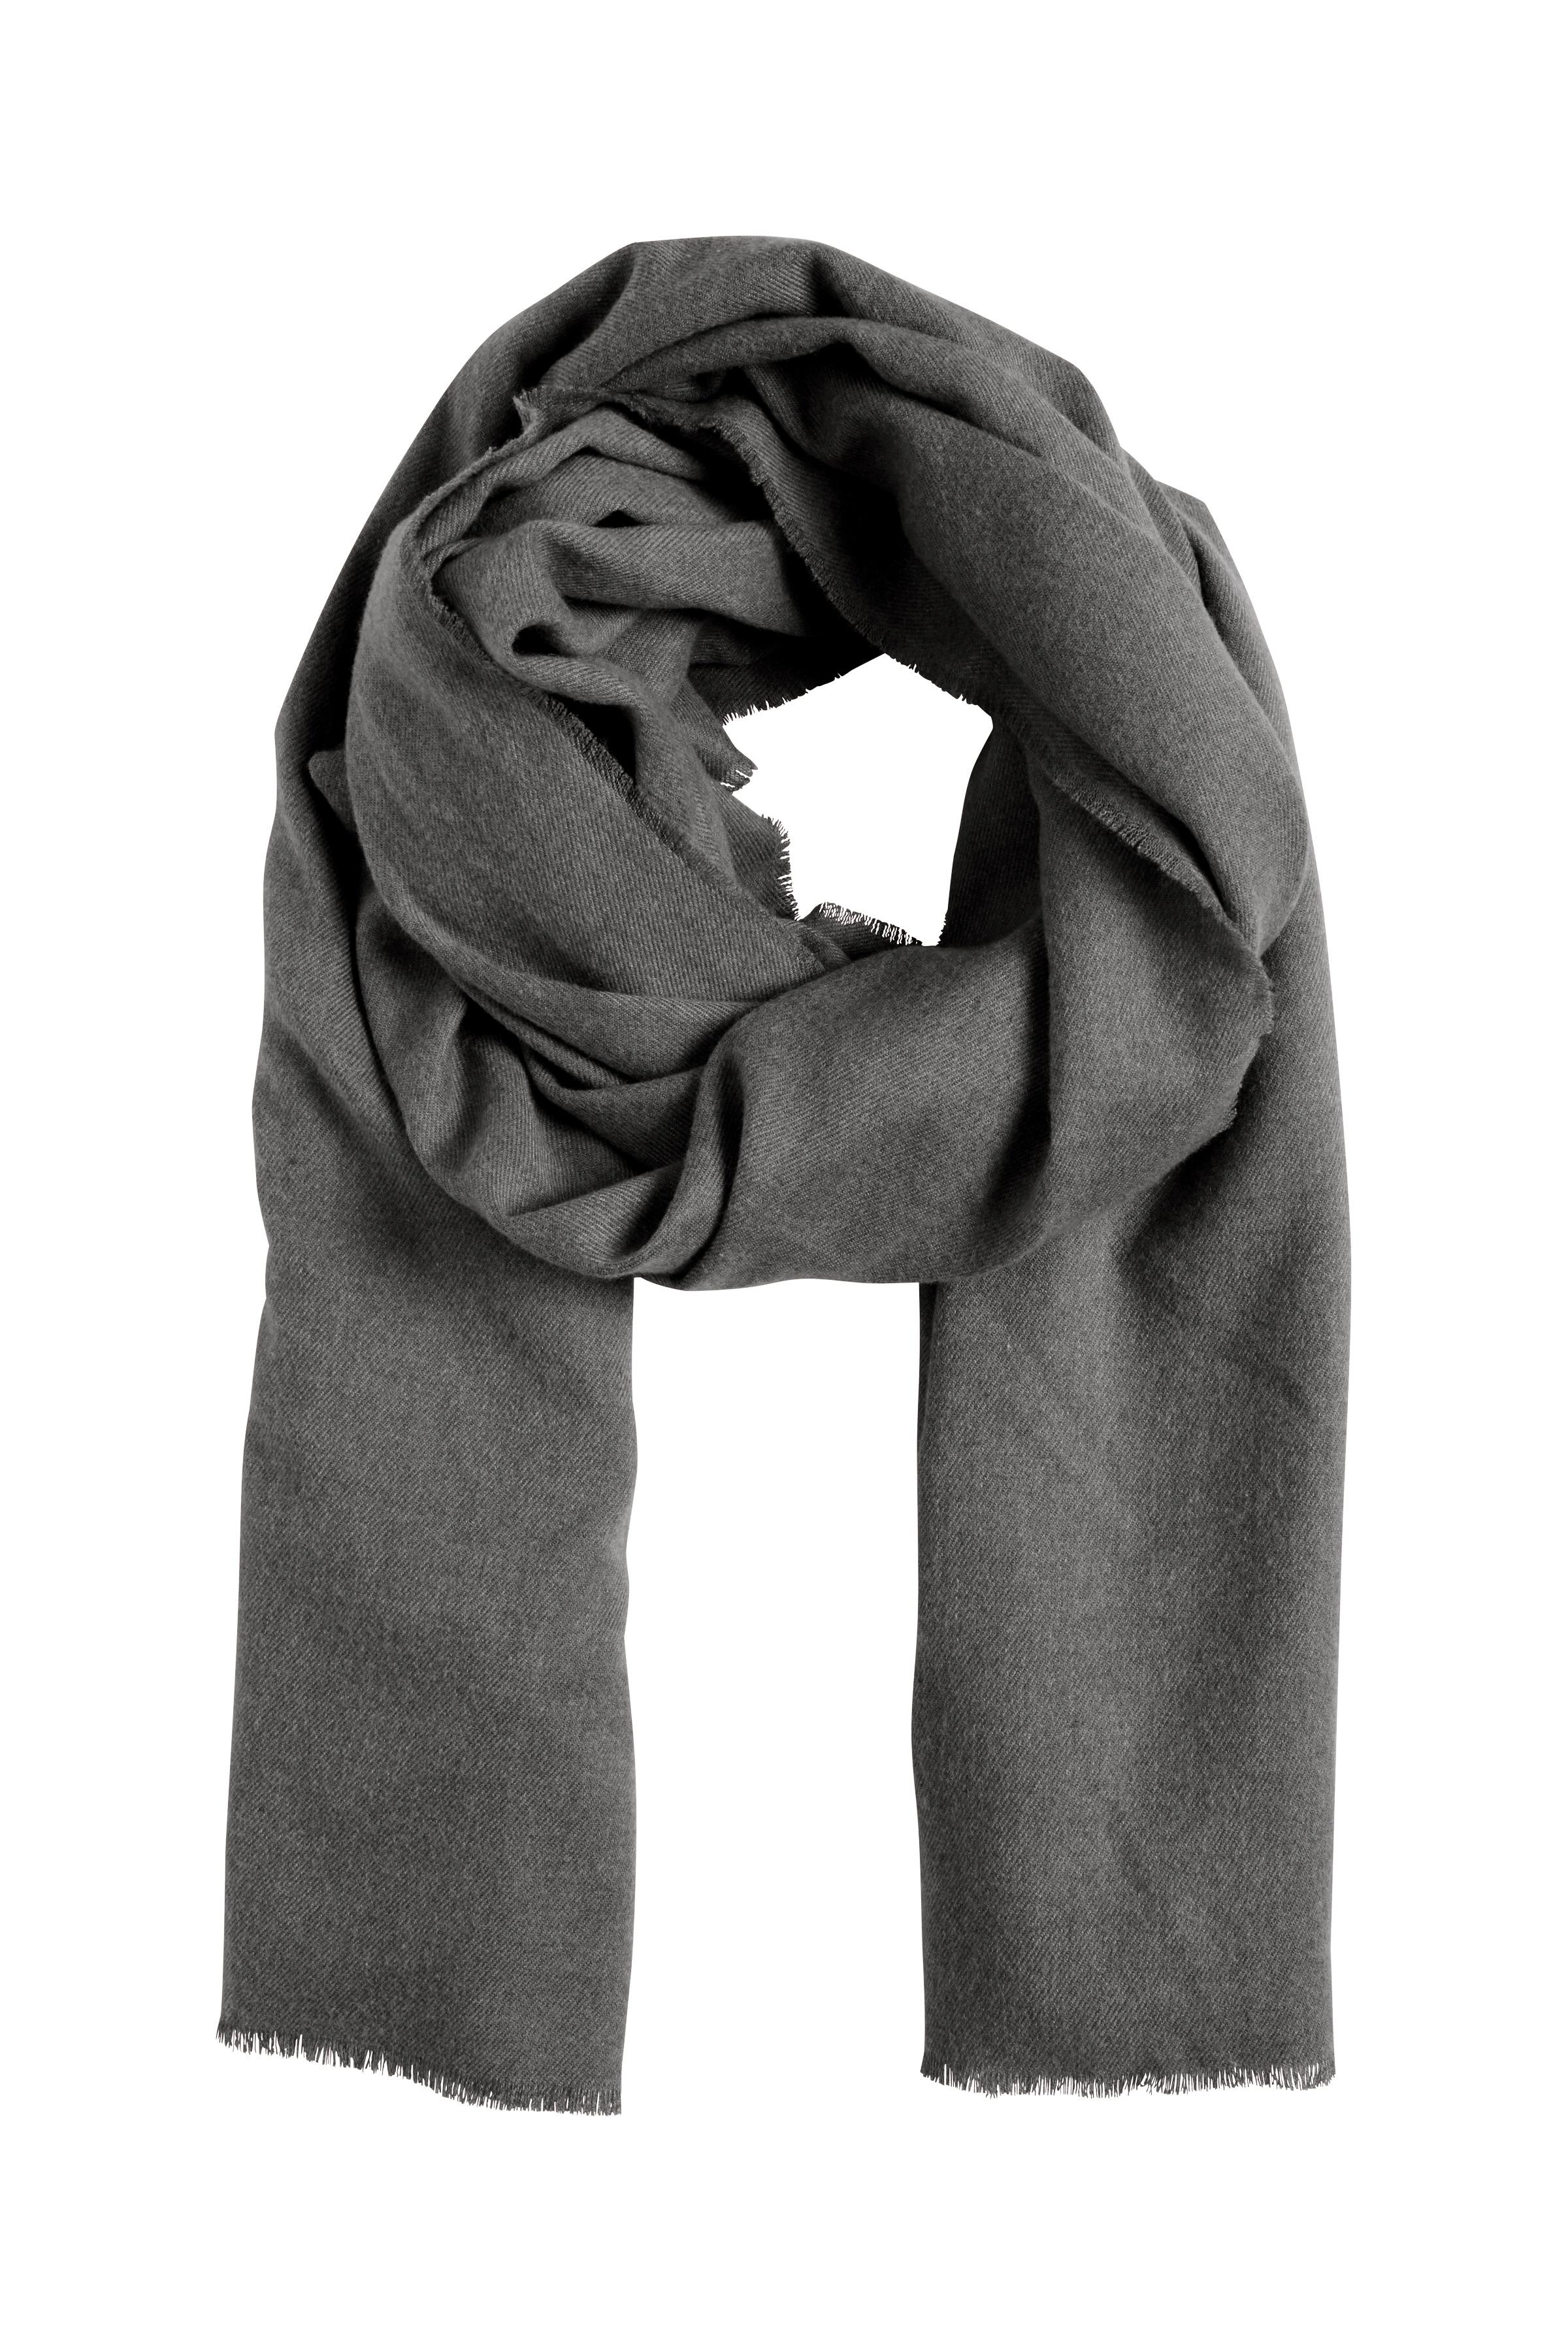 Mörk gråmelerad Scarf från Ichi - accessories – Köp Mörk gråmelerad Scarf från stl. ONE här